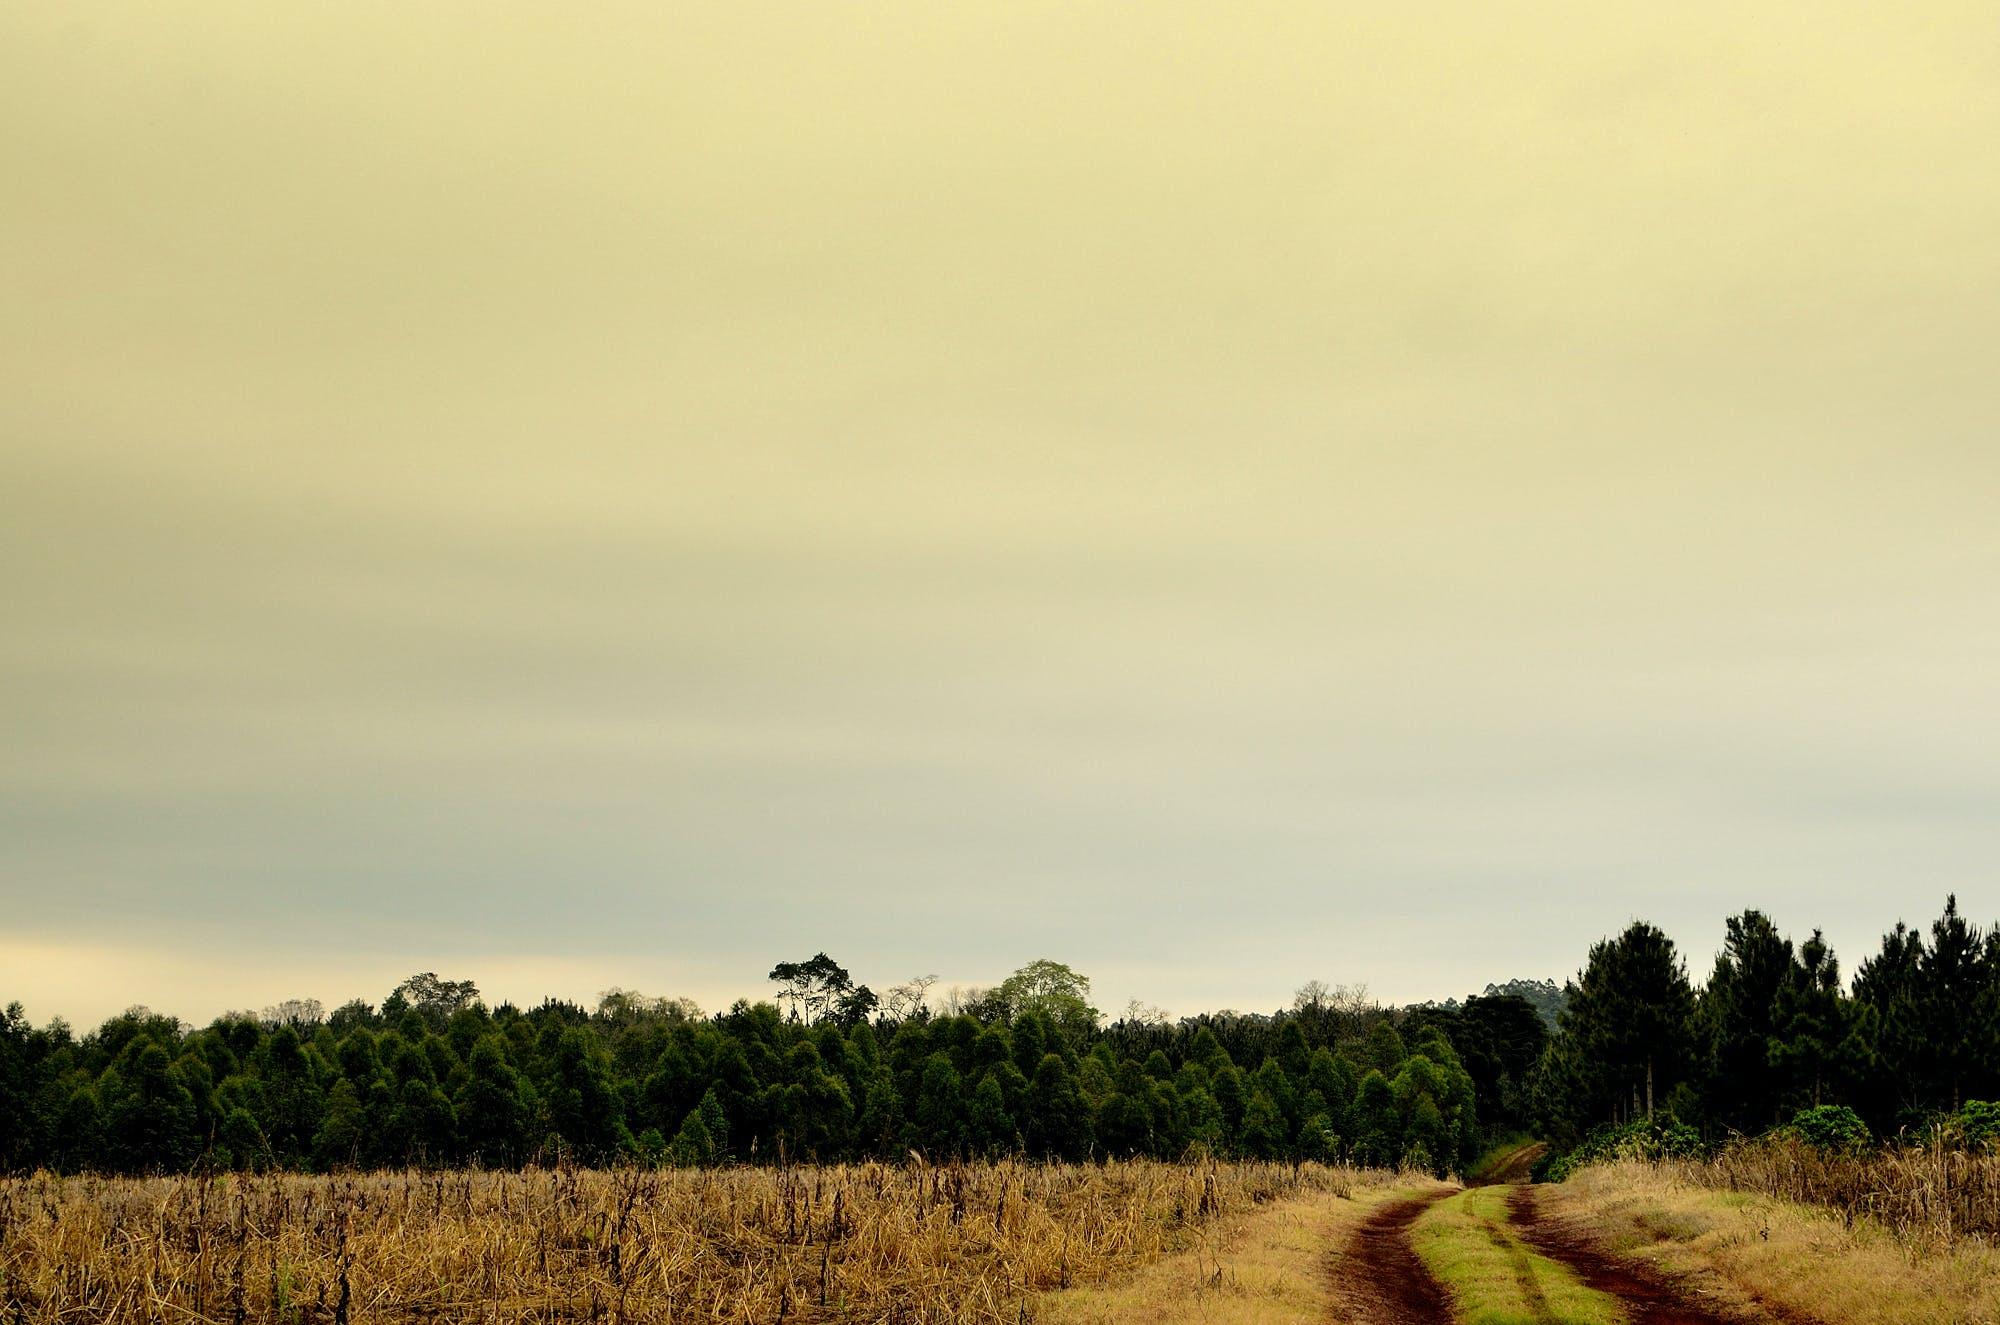 Green Tall Trees